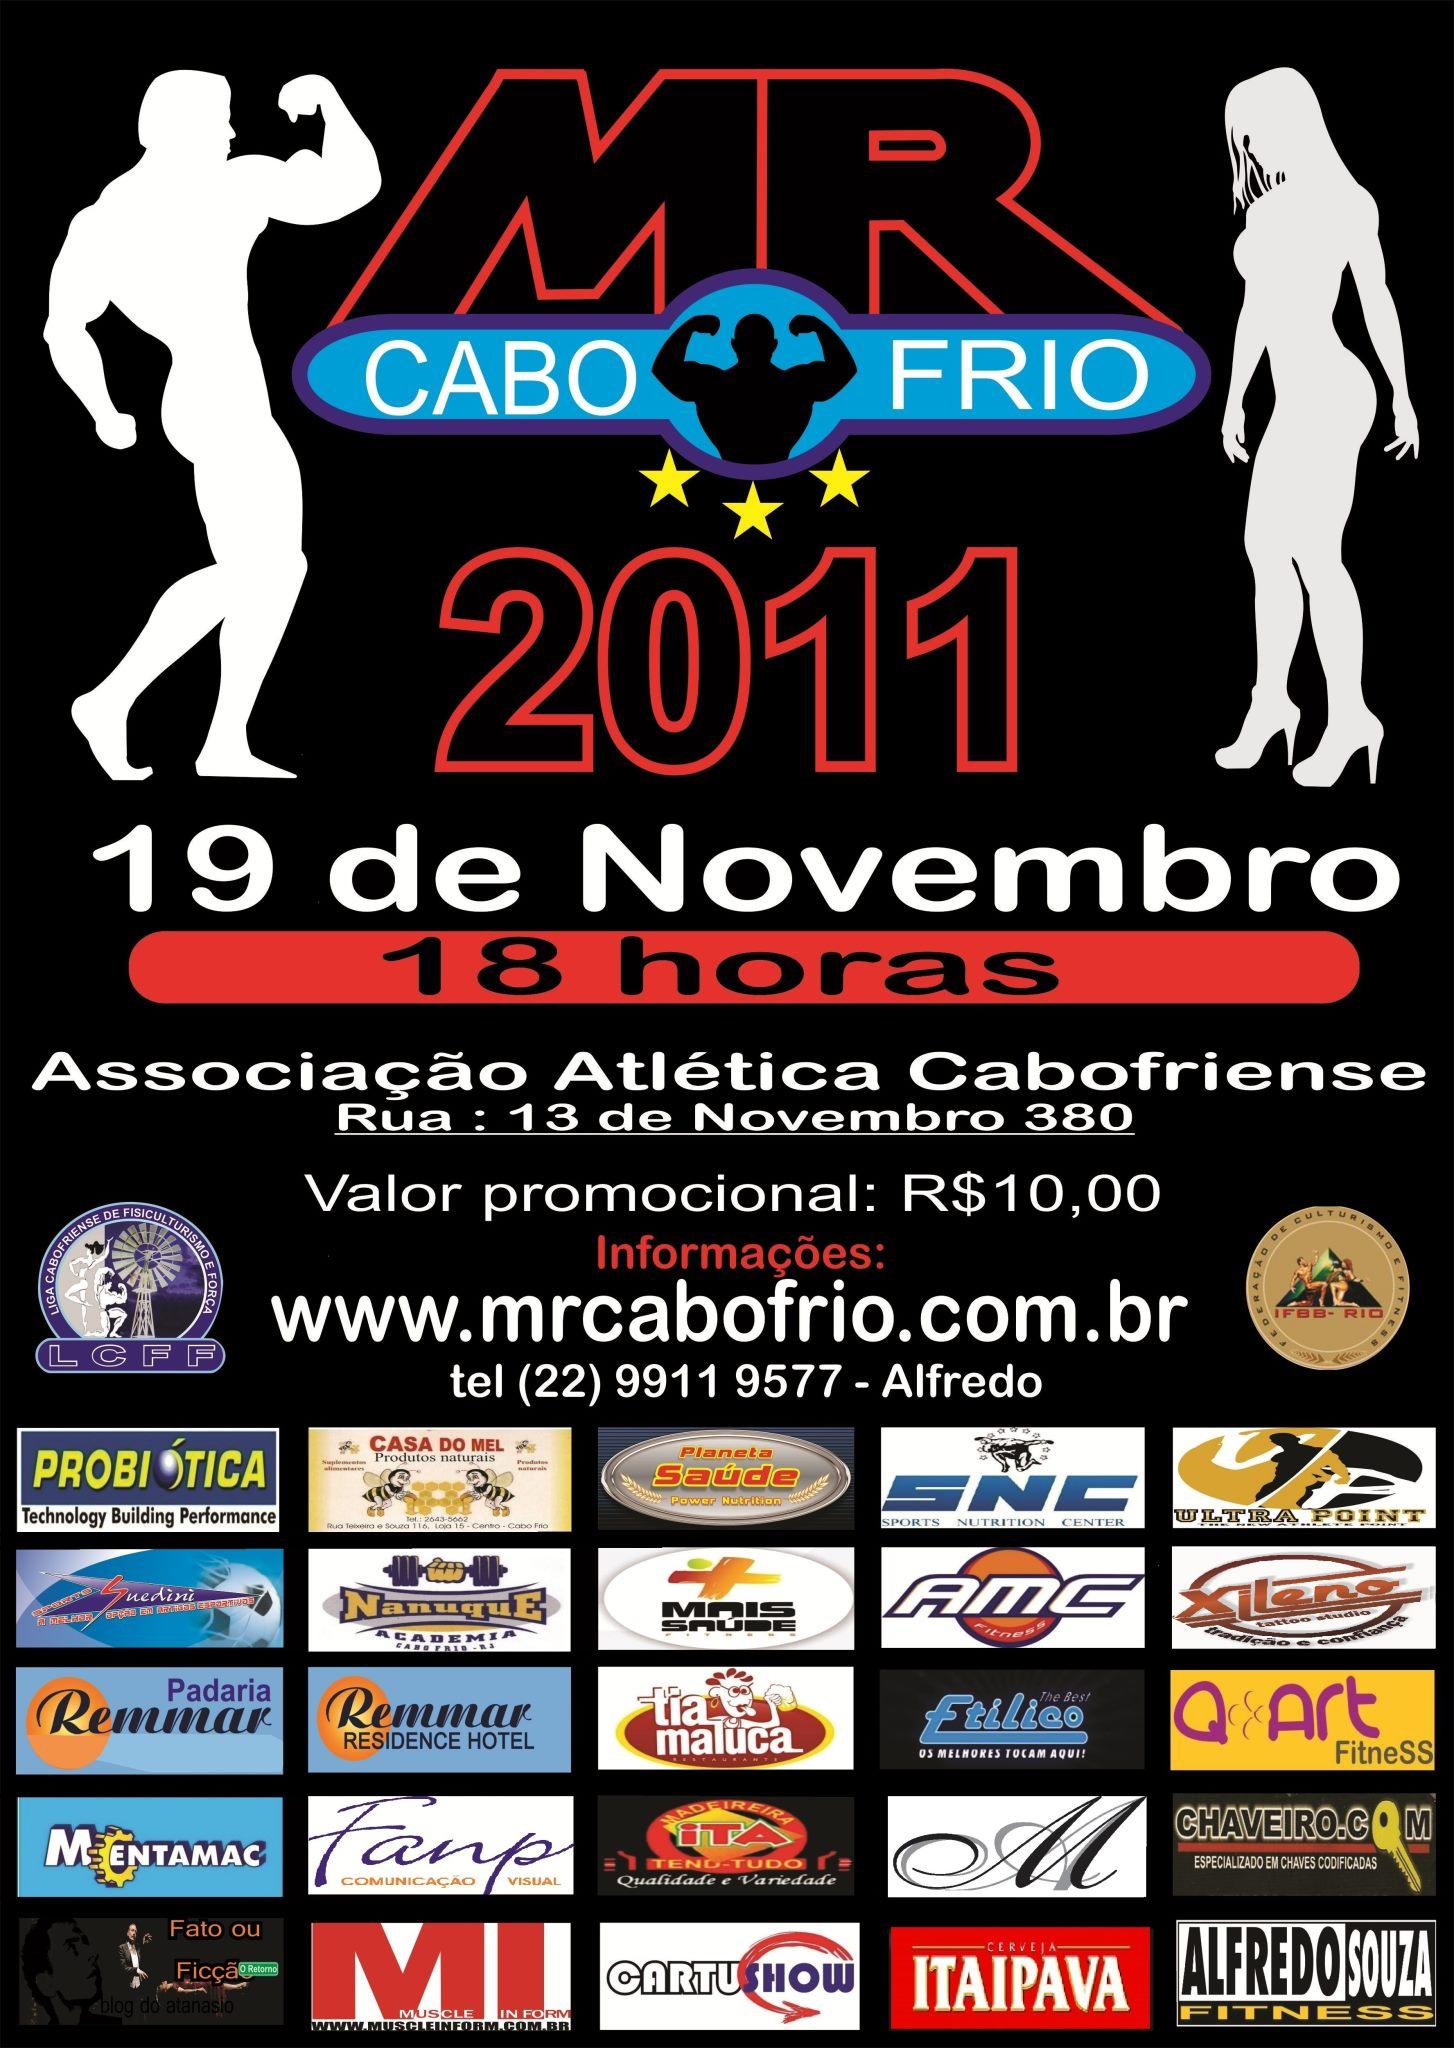 Mr. Cabo Frio 2011